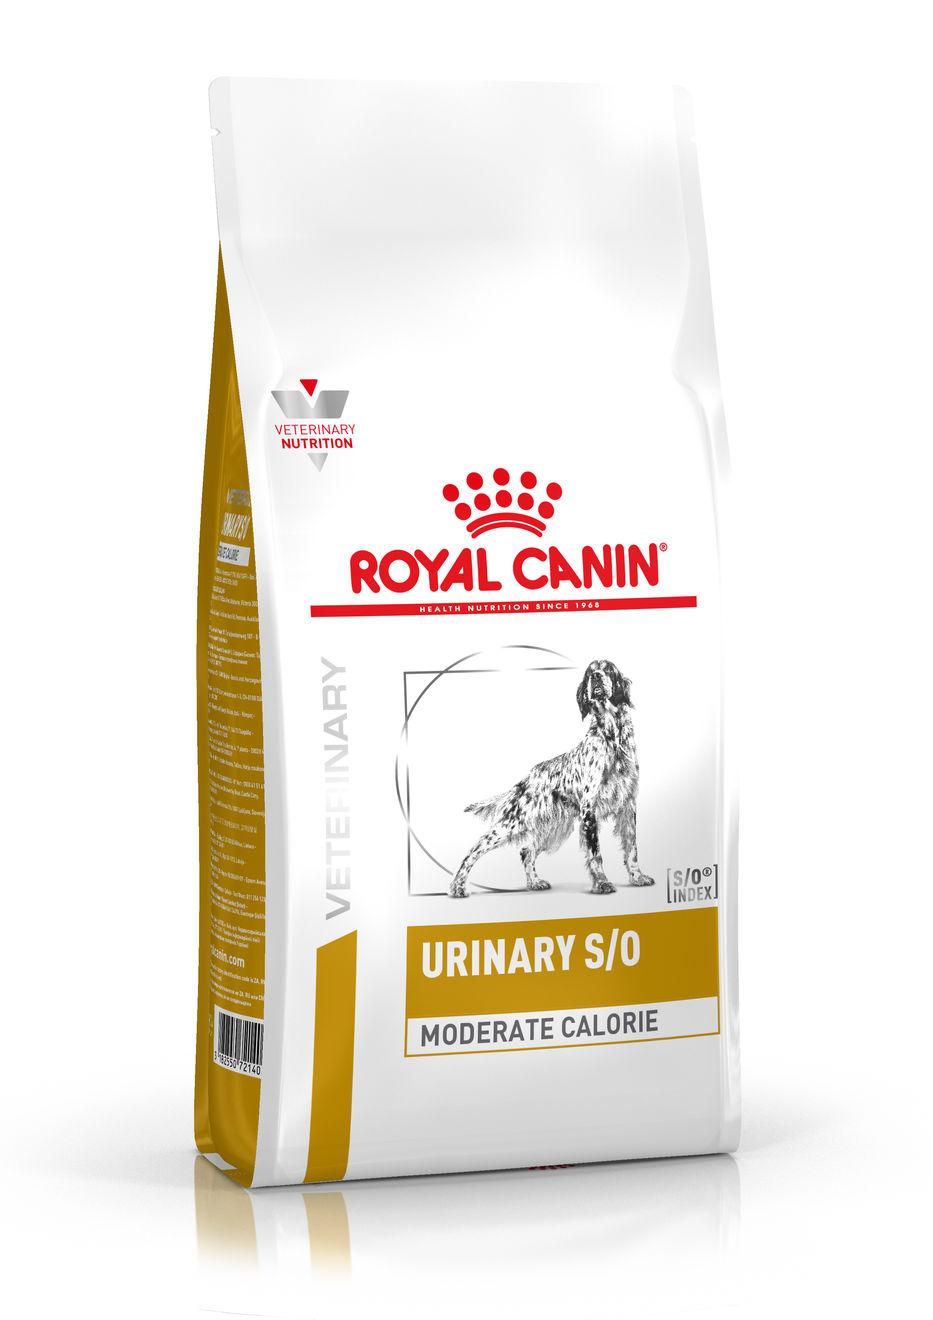 ROYAL CANIN URINARY S/O MODERATE CALORIE – лікувальний сухий корм для собак з сечокам'яною хворобою